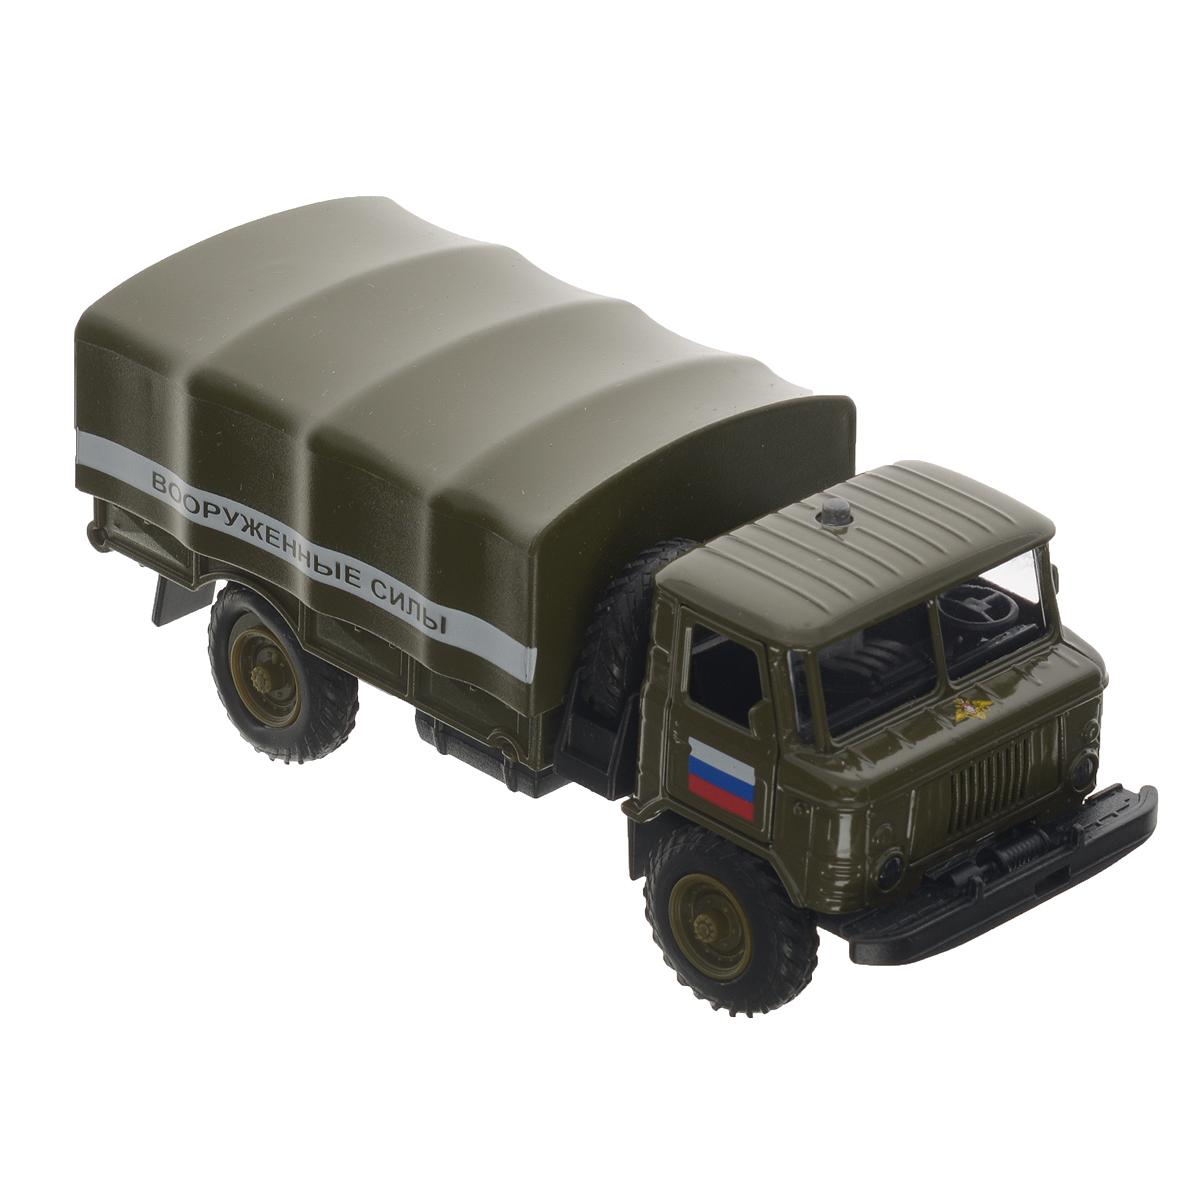 ТехноПарк Машинка инерционная ГАЗ 66 Вооруженные силы б у газ 66 дизель